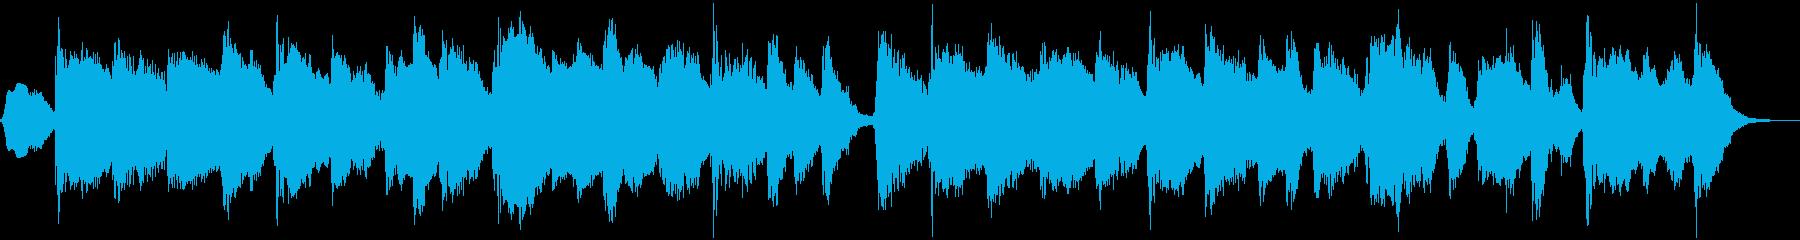 クラリネットのまったりとしたBGMの再生済みの波形